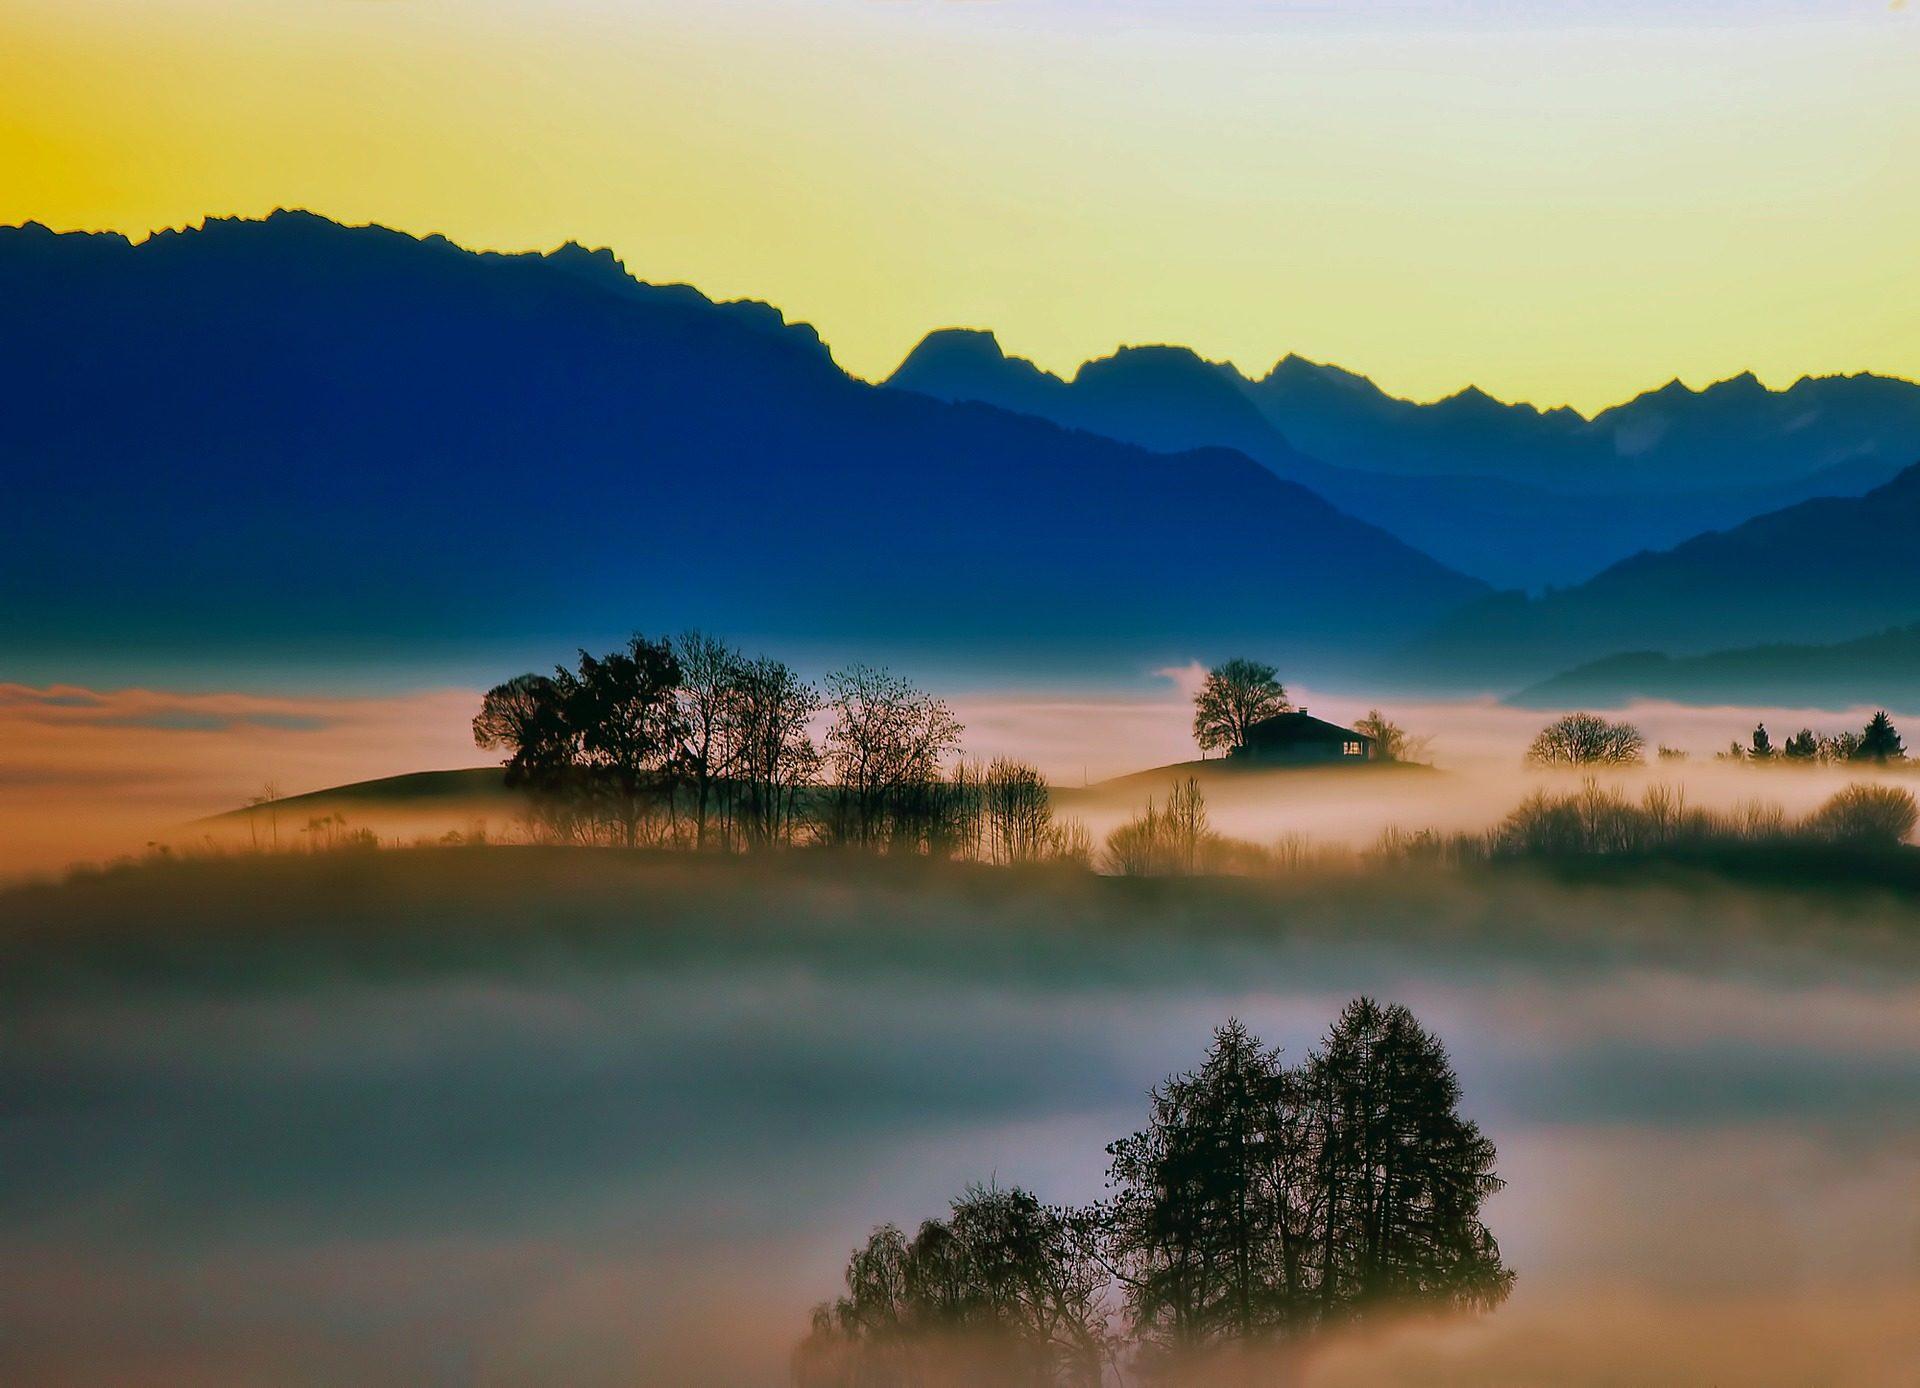 فجر, ضباب, الجبال, الرطوبة, الأشجار, الظلية - خلفيات عالية الدقة - أستاذ falken.com